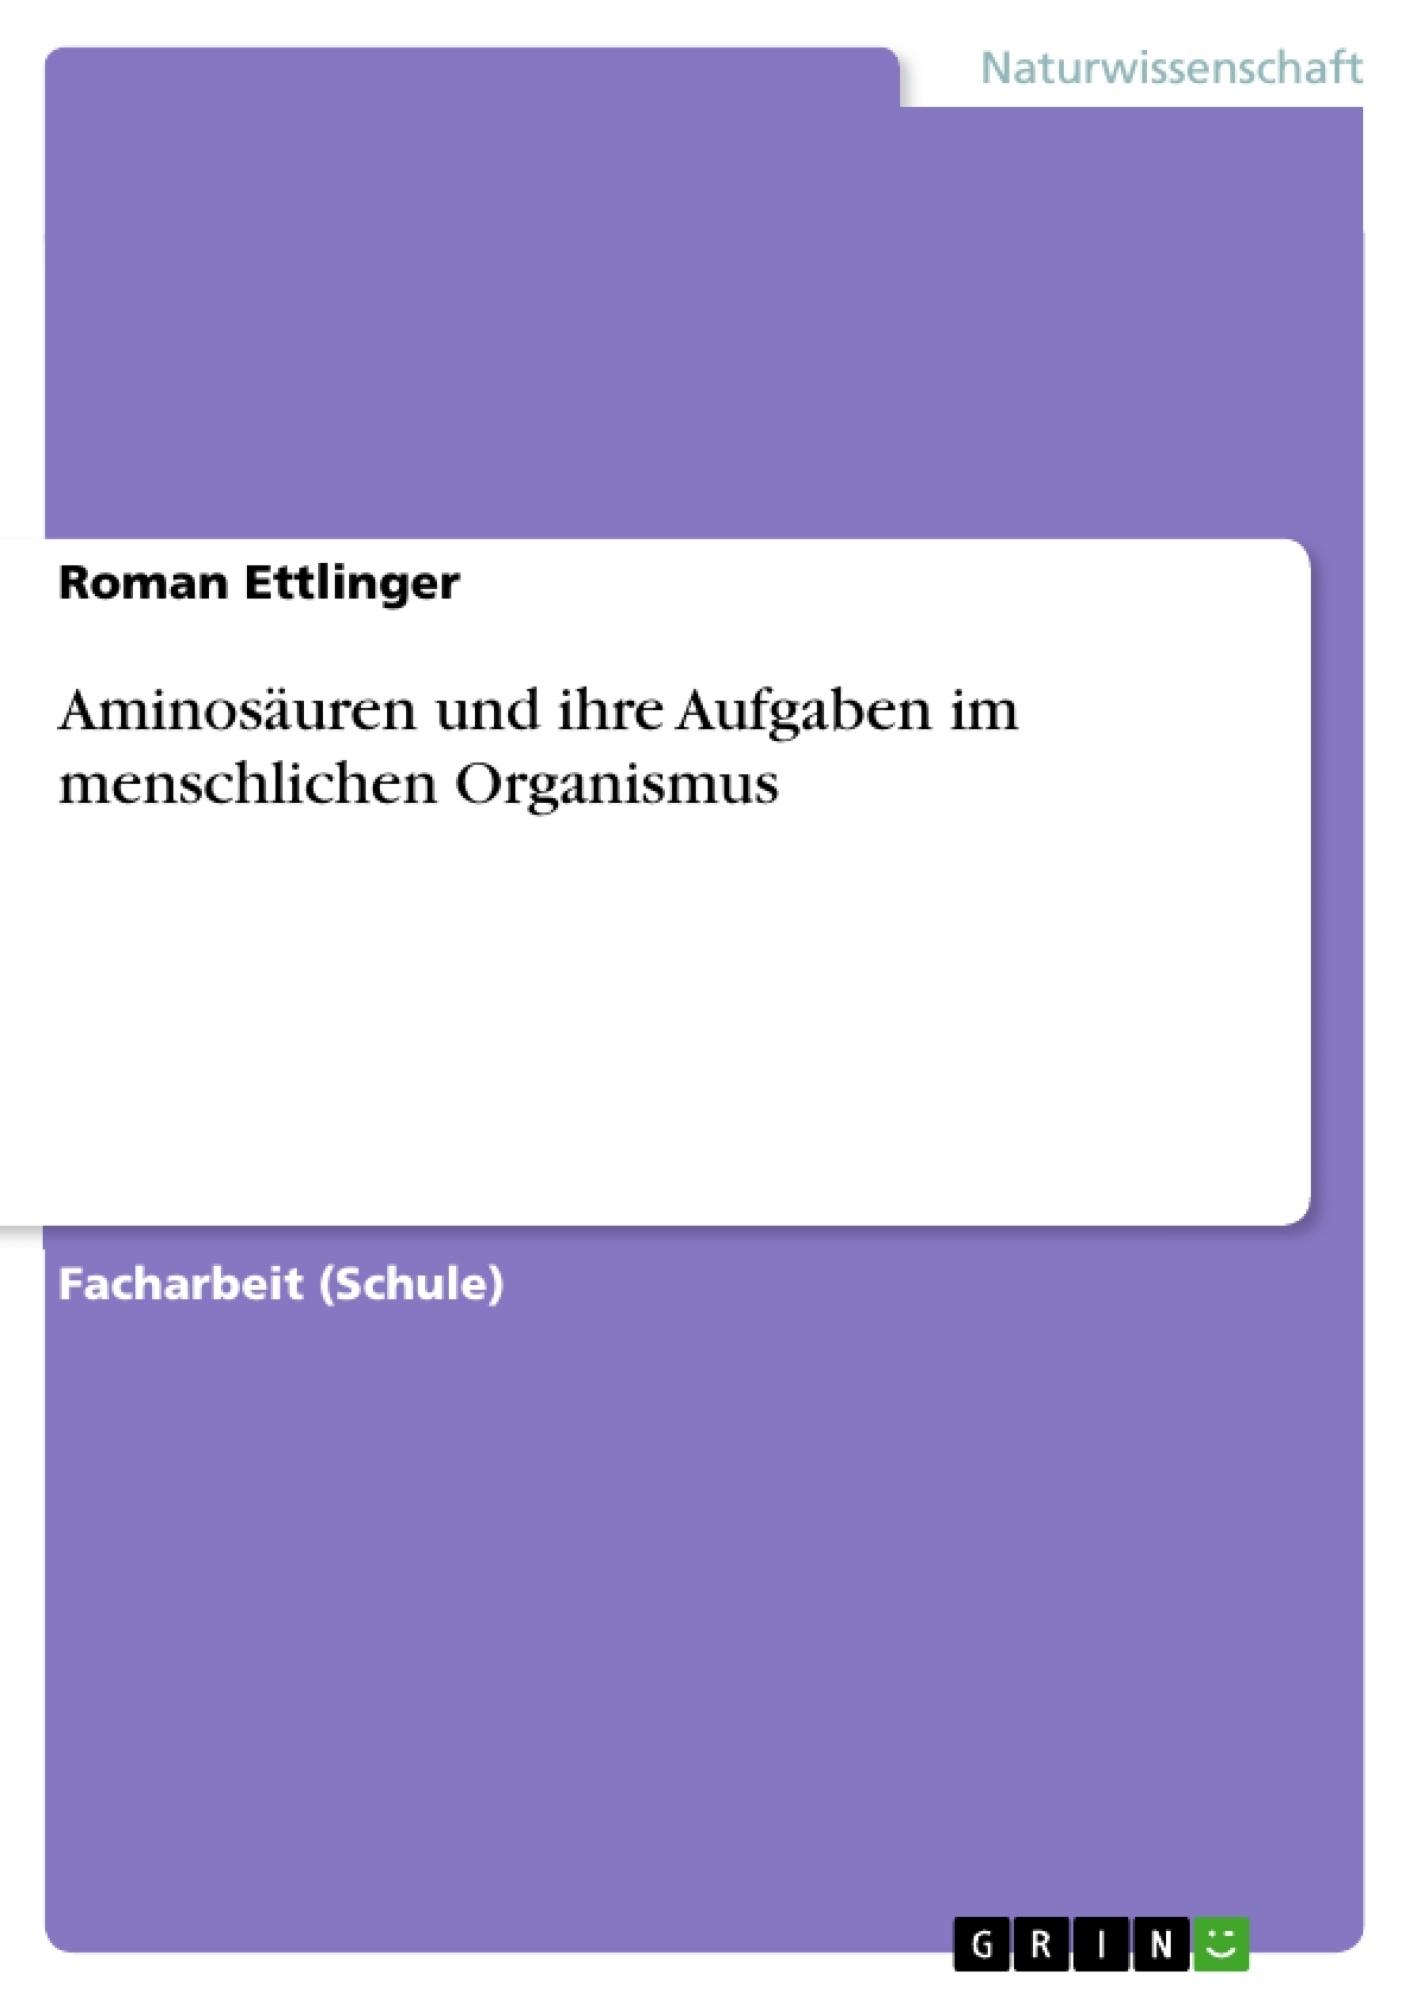 Titel: Aminosäuren und ihre Aufgaben im menschlichen Organismus